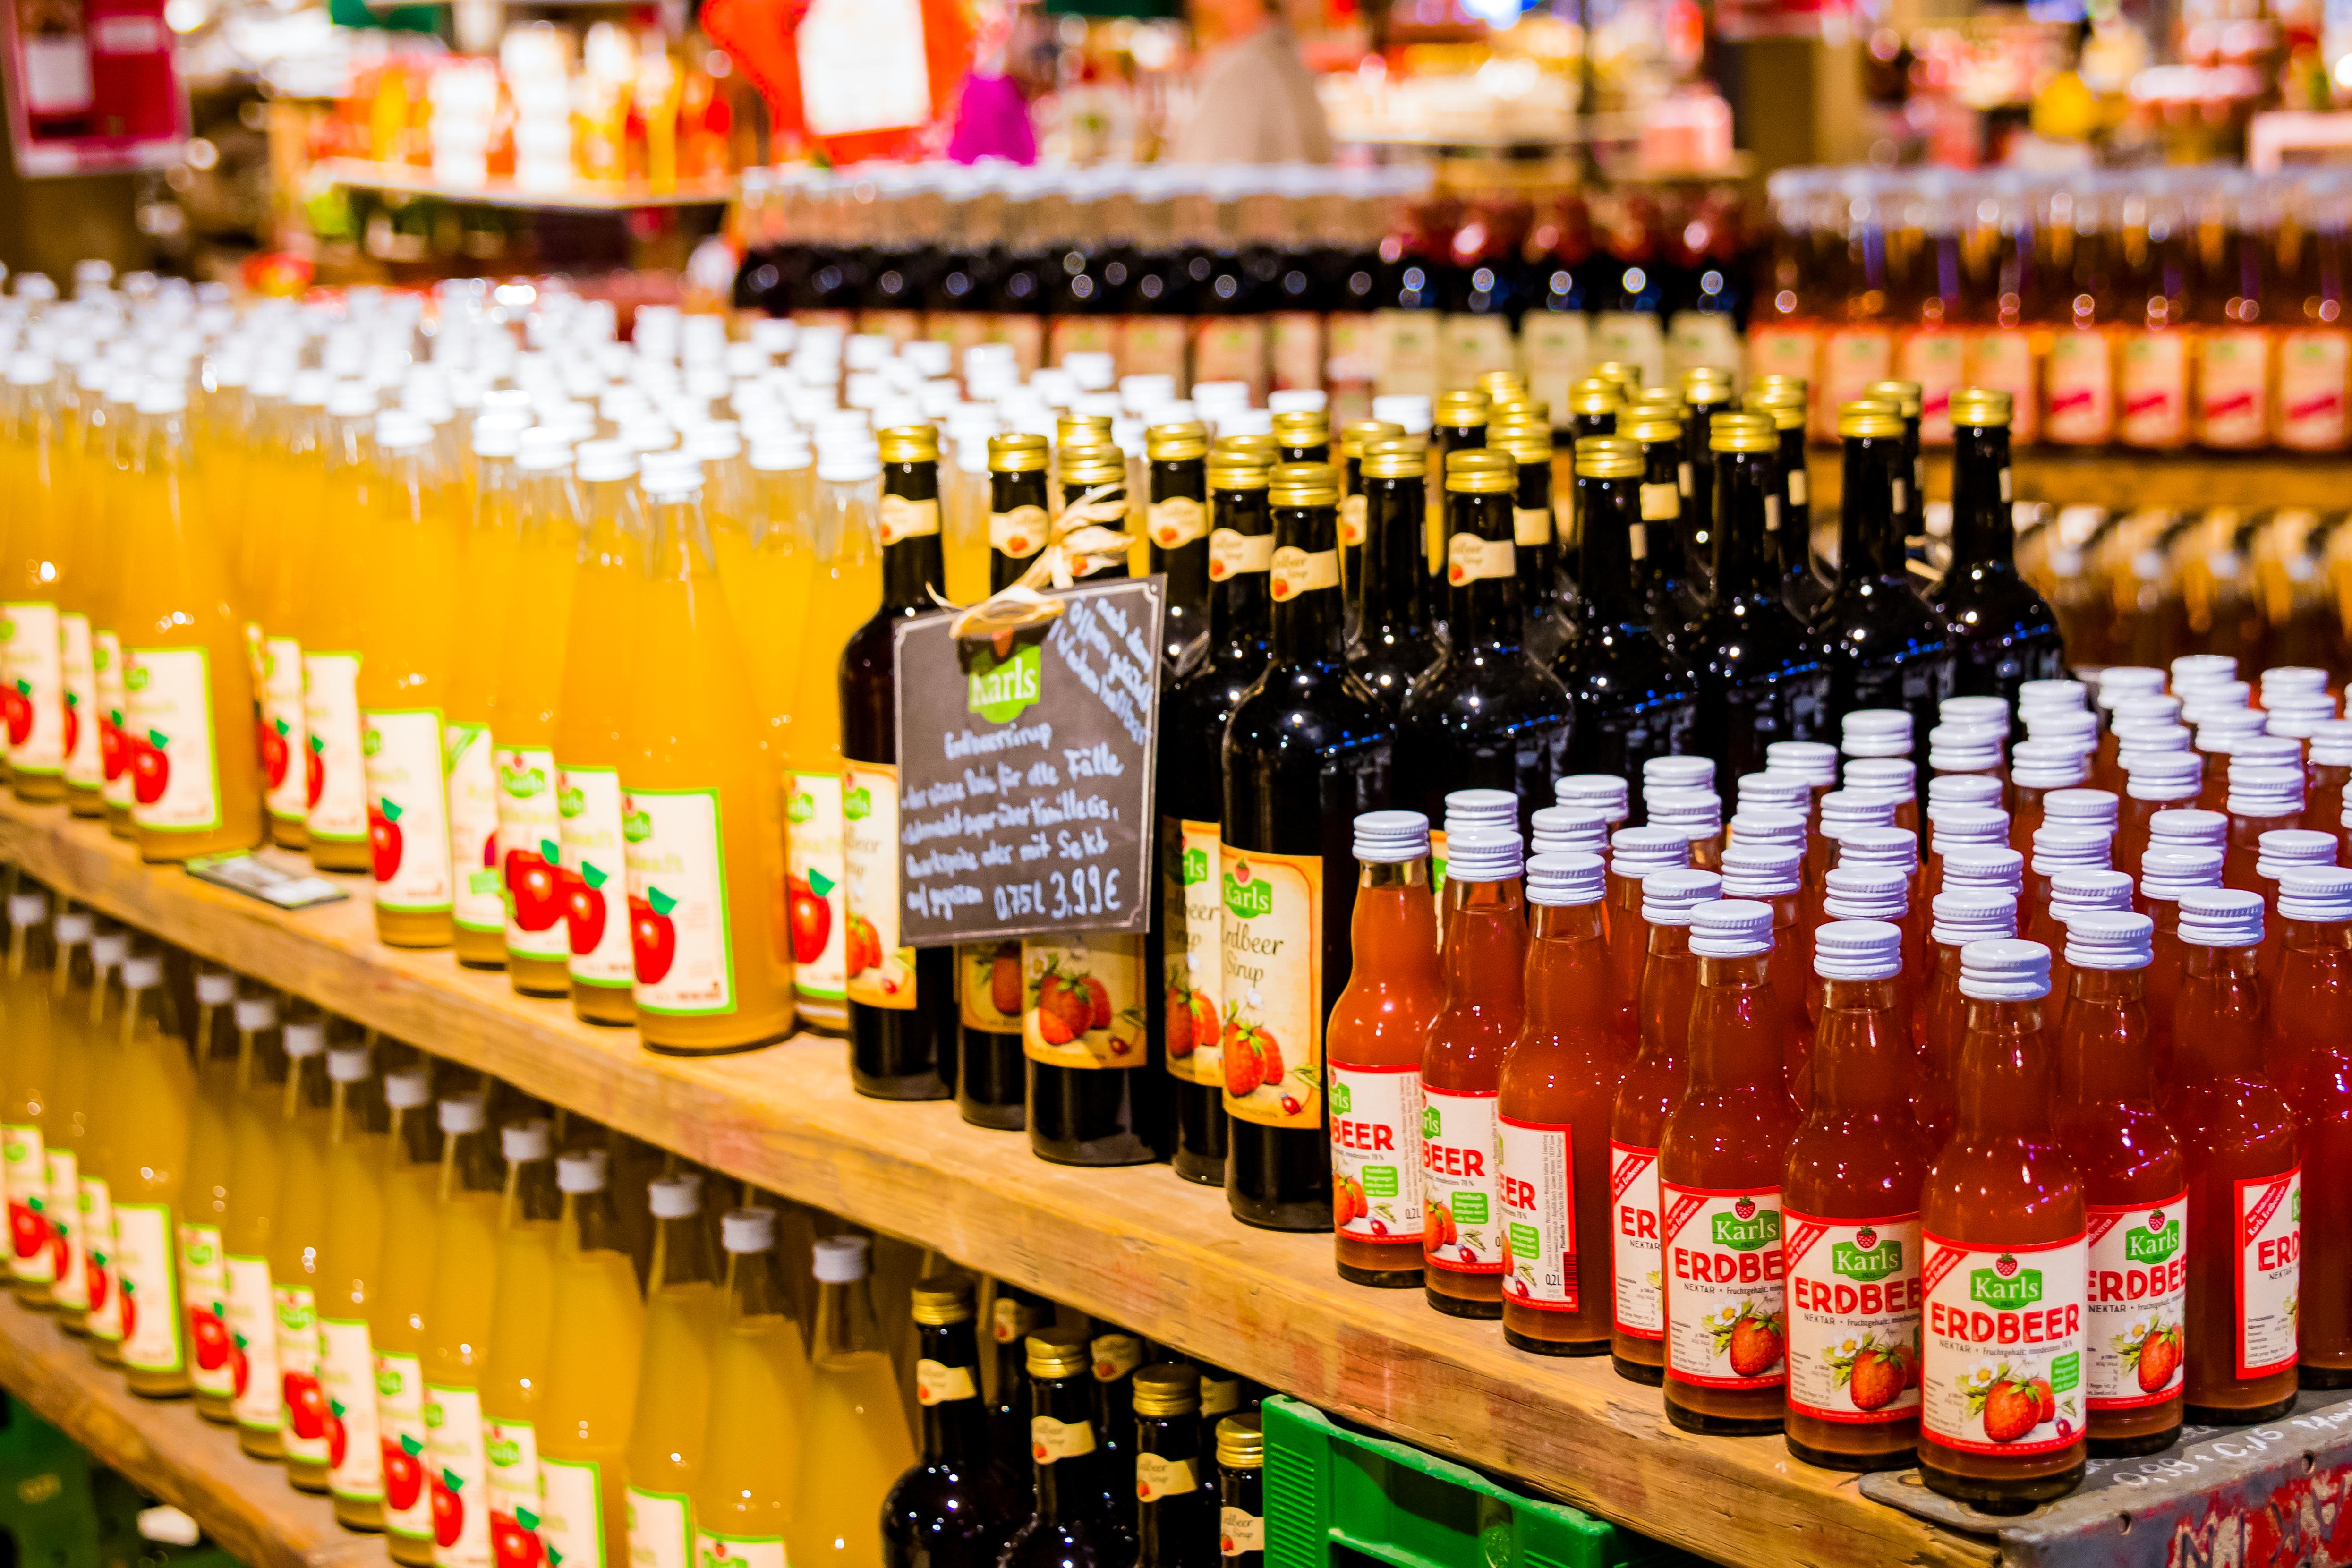 Unsere verschiedenen Produkte in Flaschen: Erdbeer-Nektar, Erdbeer-Sirup, Apfelsaft. Alles in unserem Bauernmarkt.